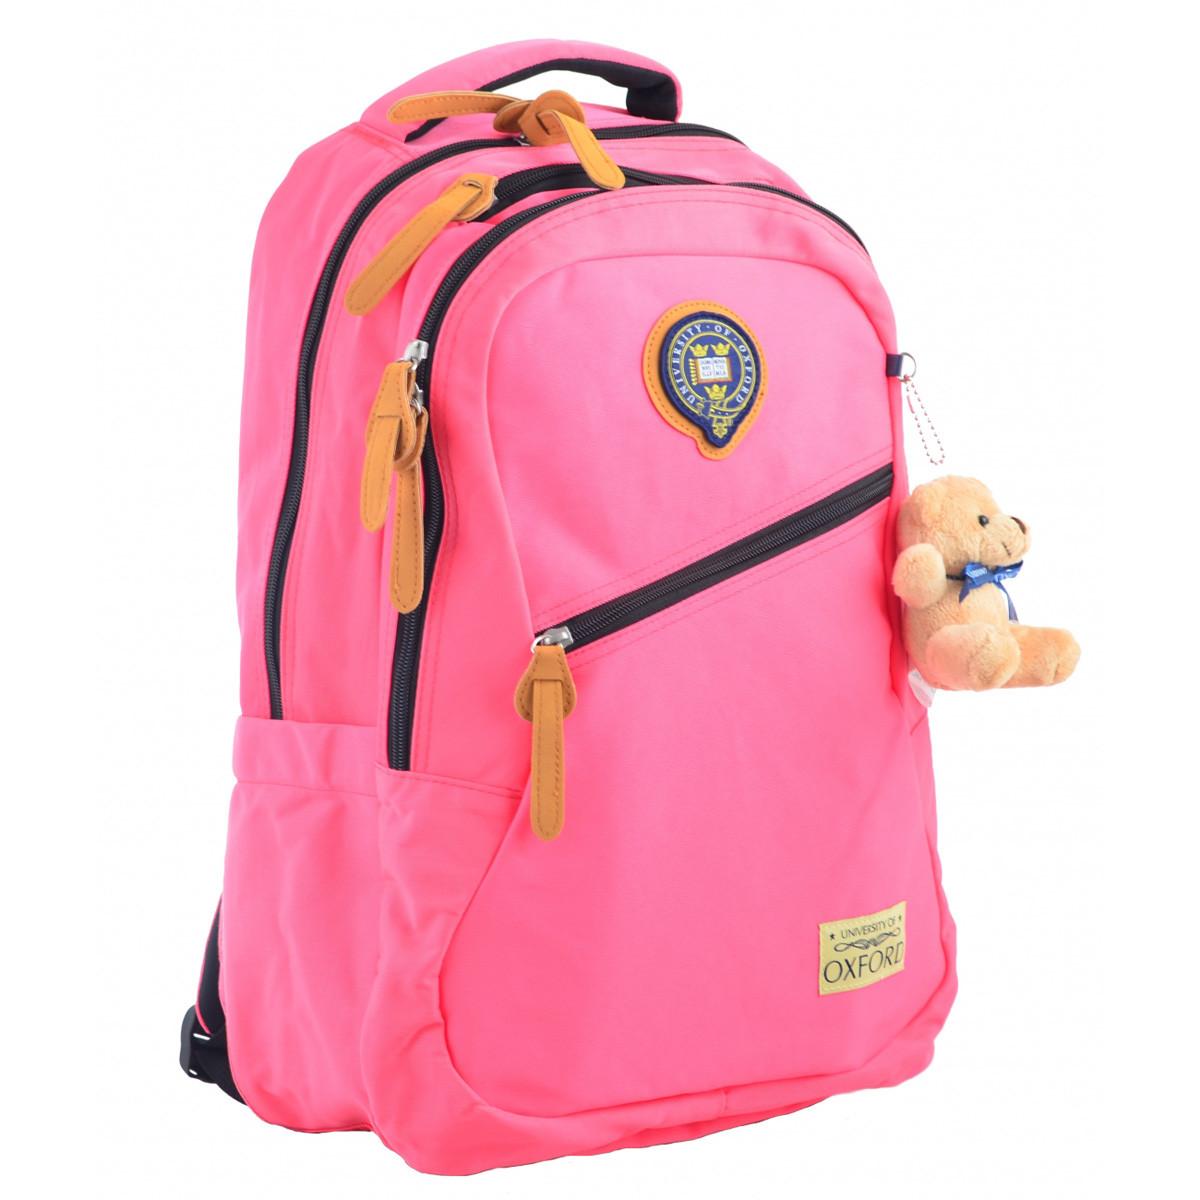 Рюкзак молодежный YES OX 405, 47*31*12.5, розовый 555687